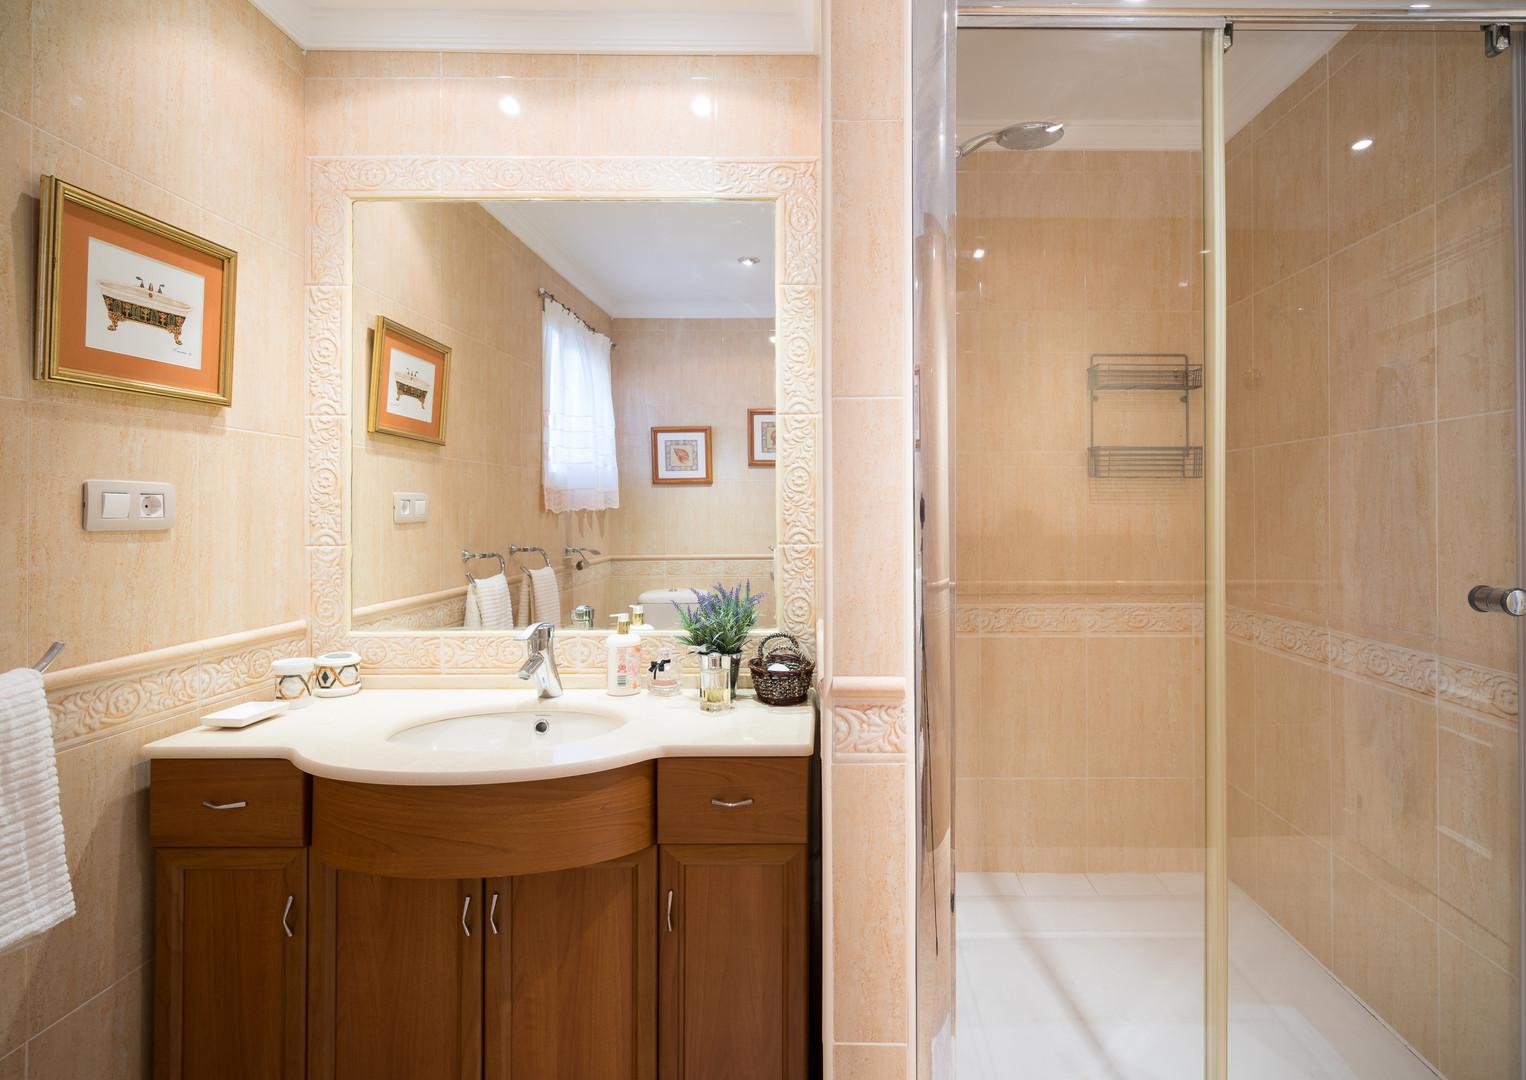 w63 3 bed 2 bath next to Don Carlos.jpg